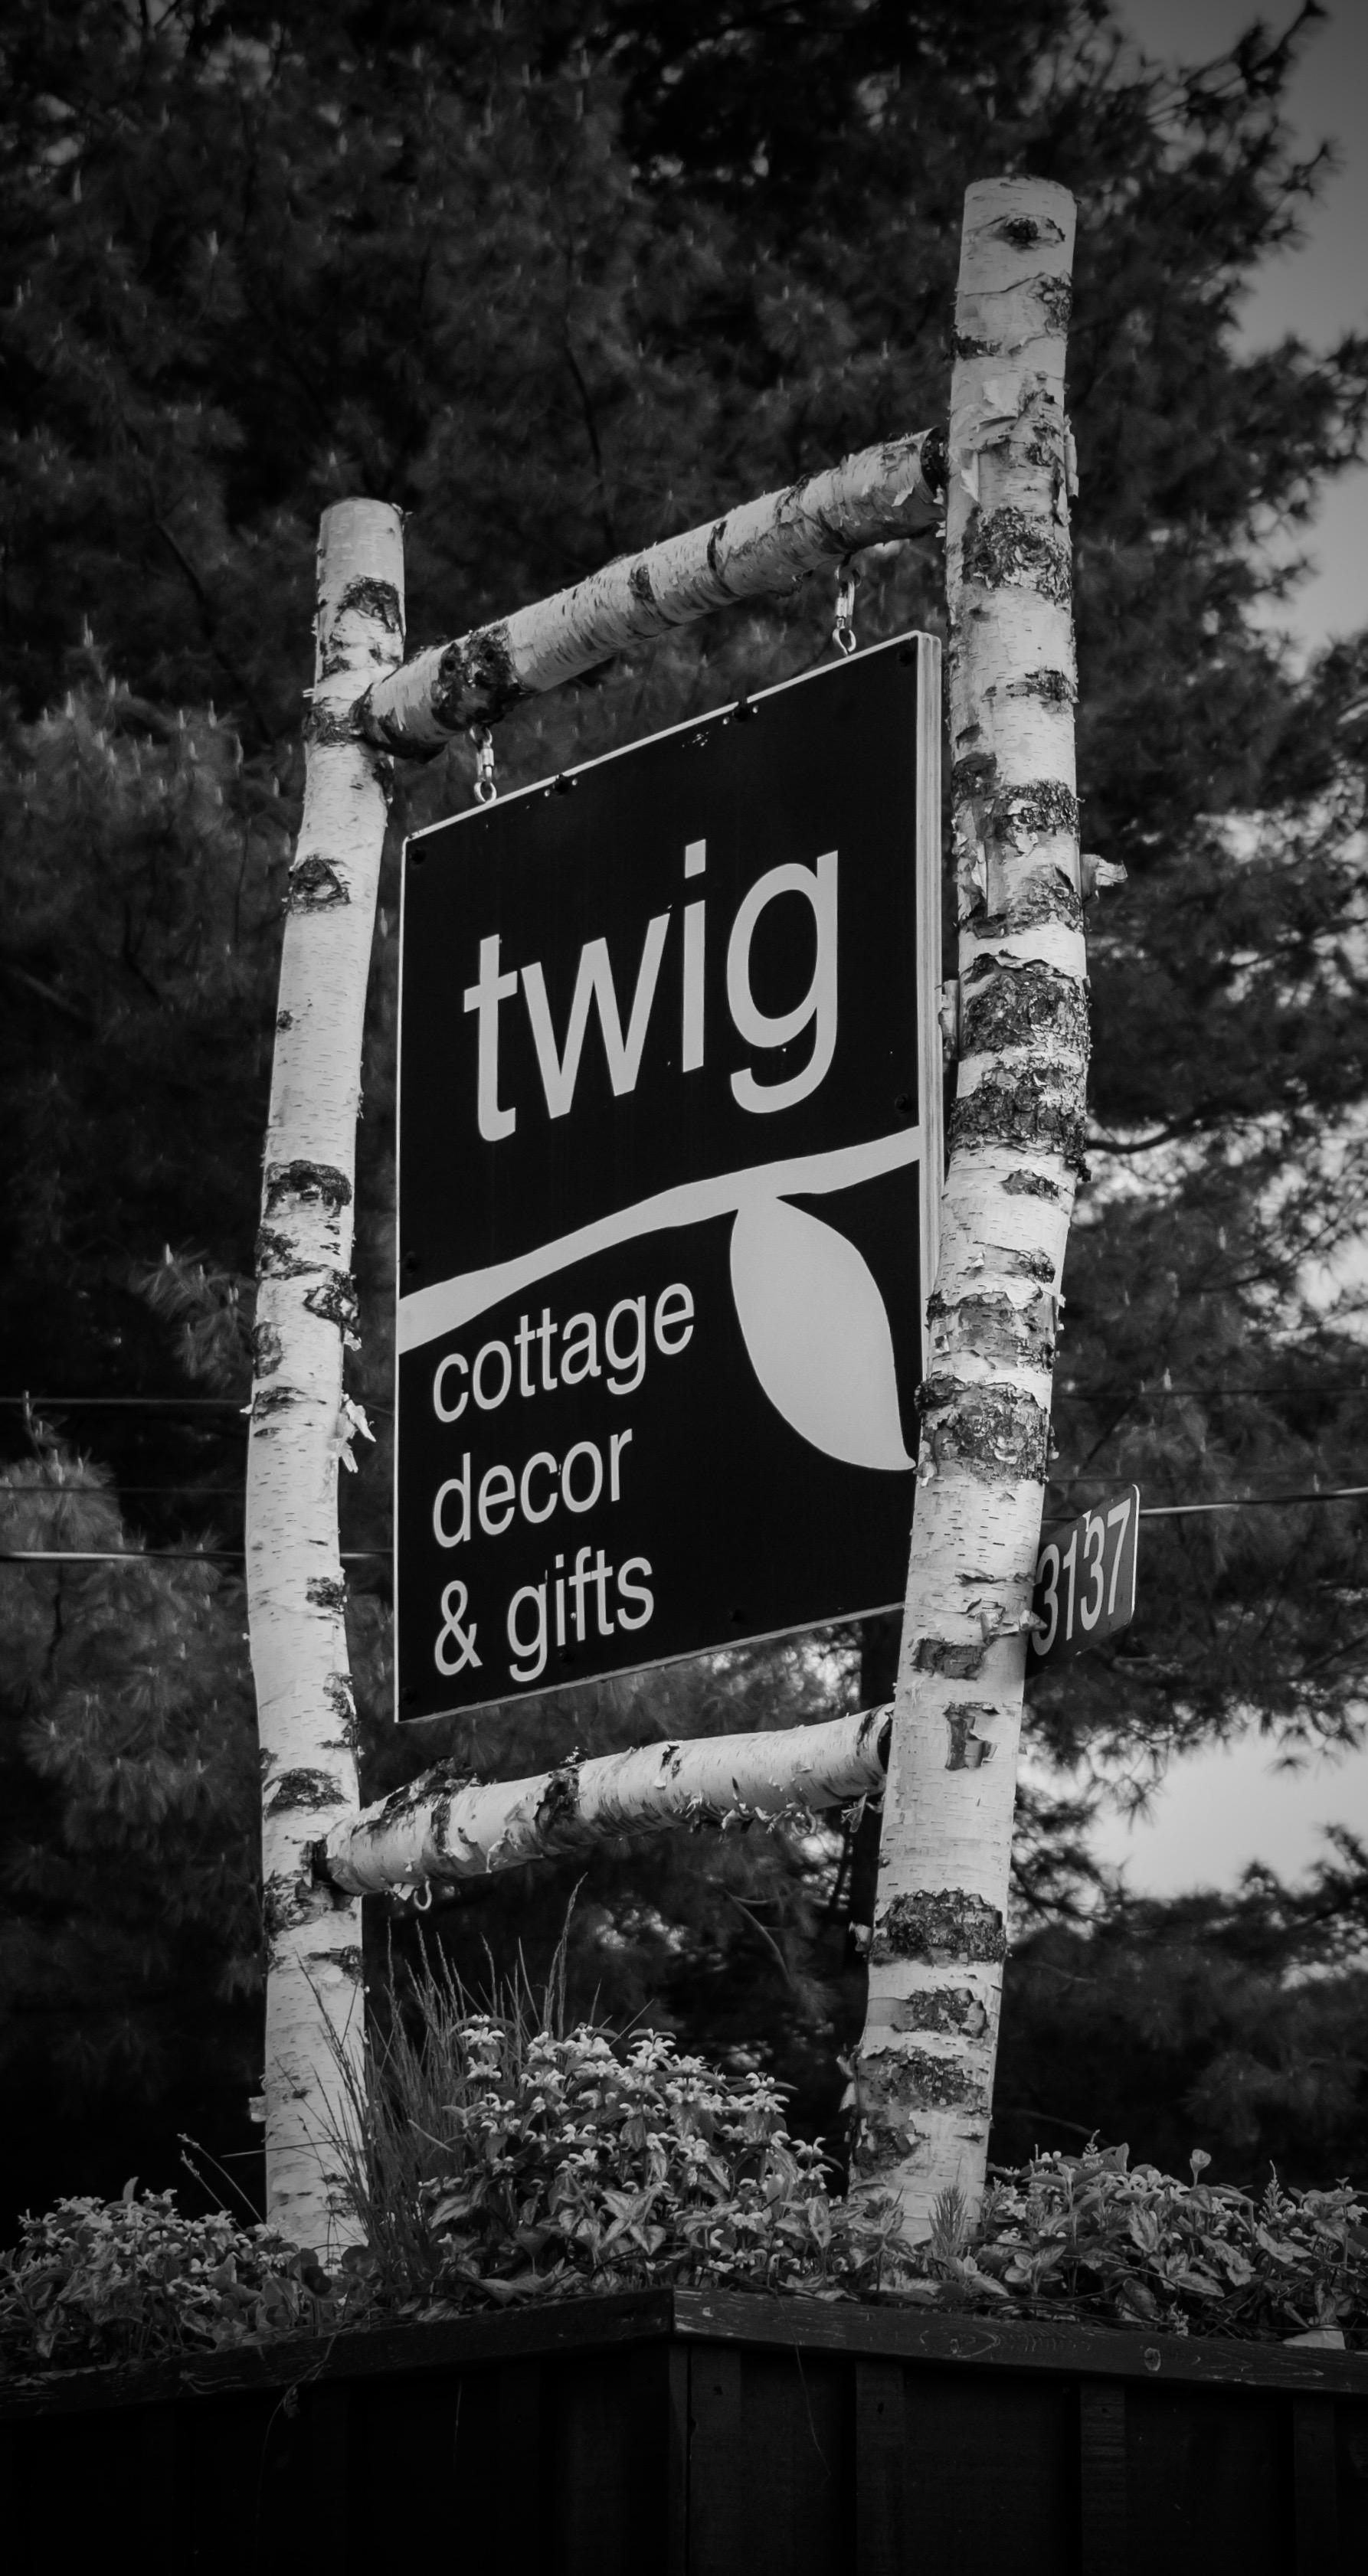 Twig isa uniquecottage decor &gift storein Bala -